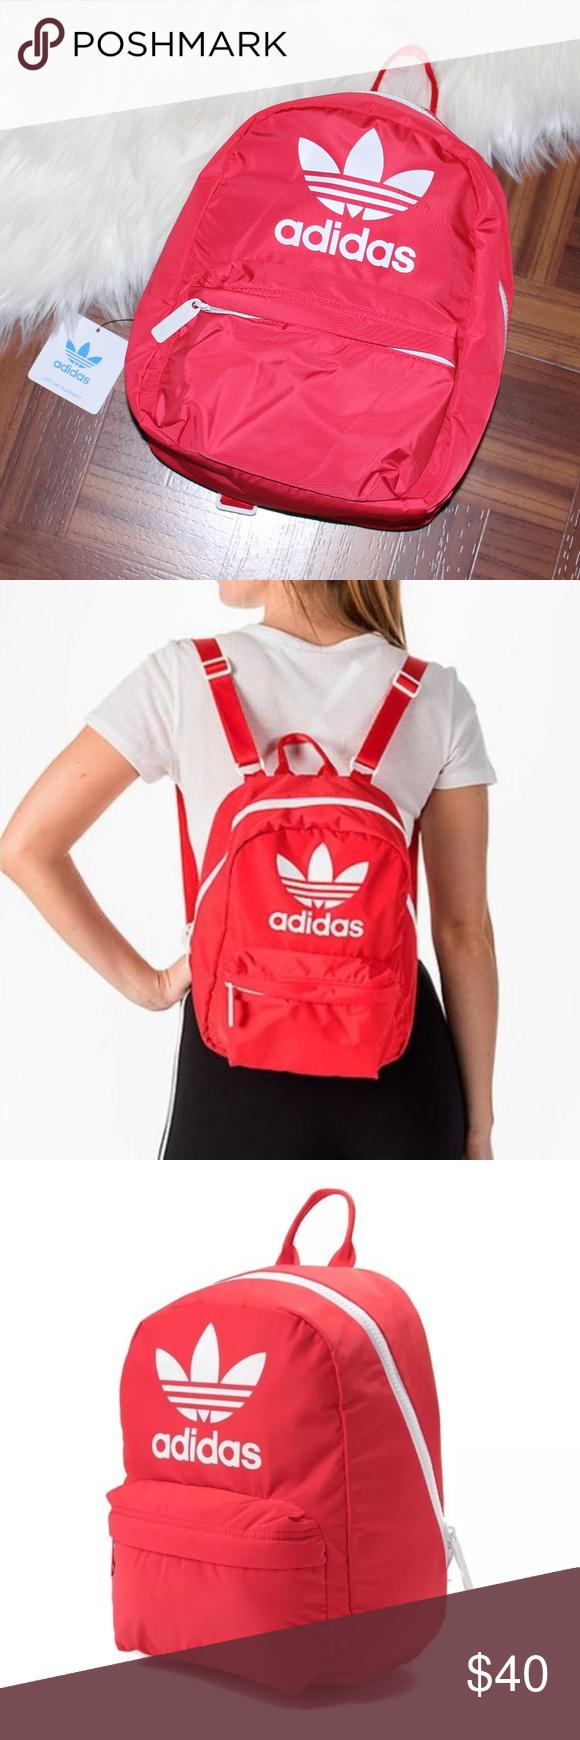 a078d0daf38 View  los angeles c0c80 d082e NWT adidas Originals Trefoil Logo Mini  Backpack adidas Originals Mini Backpack ...